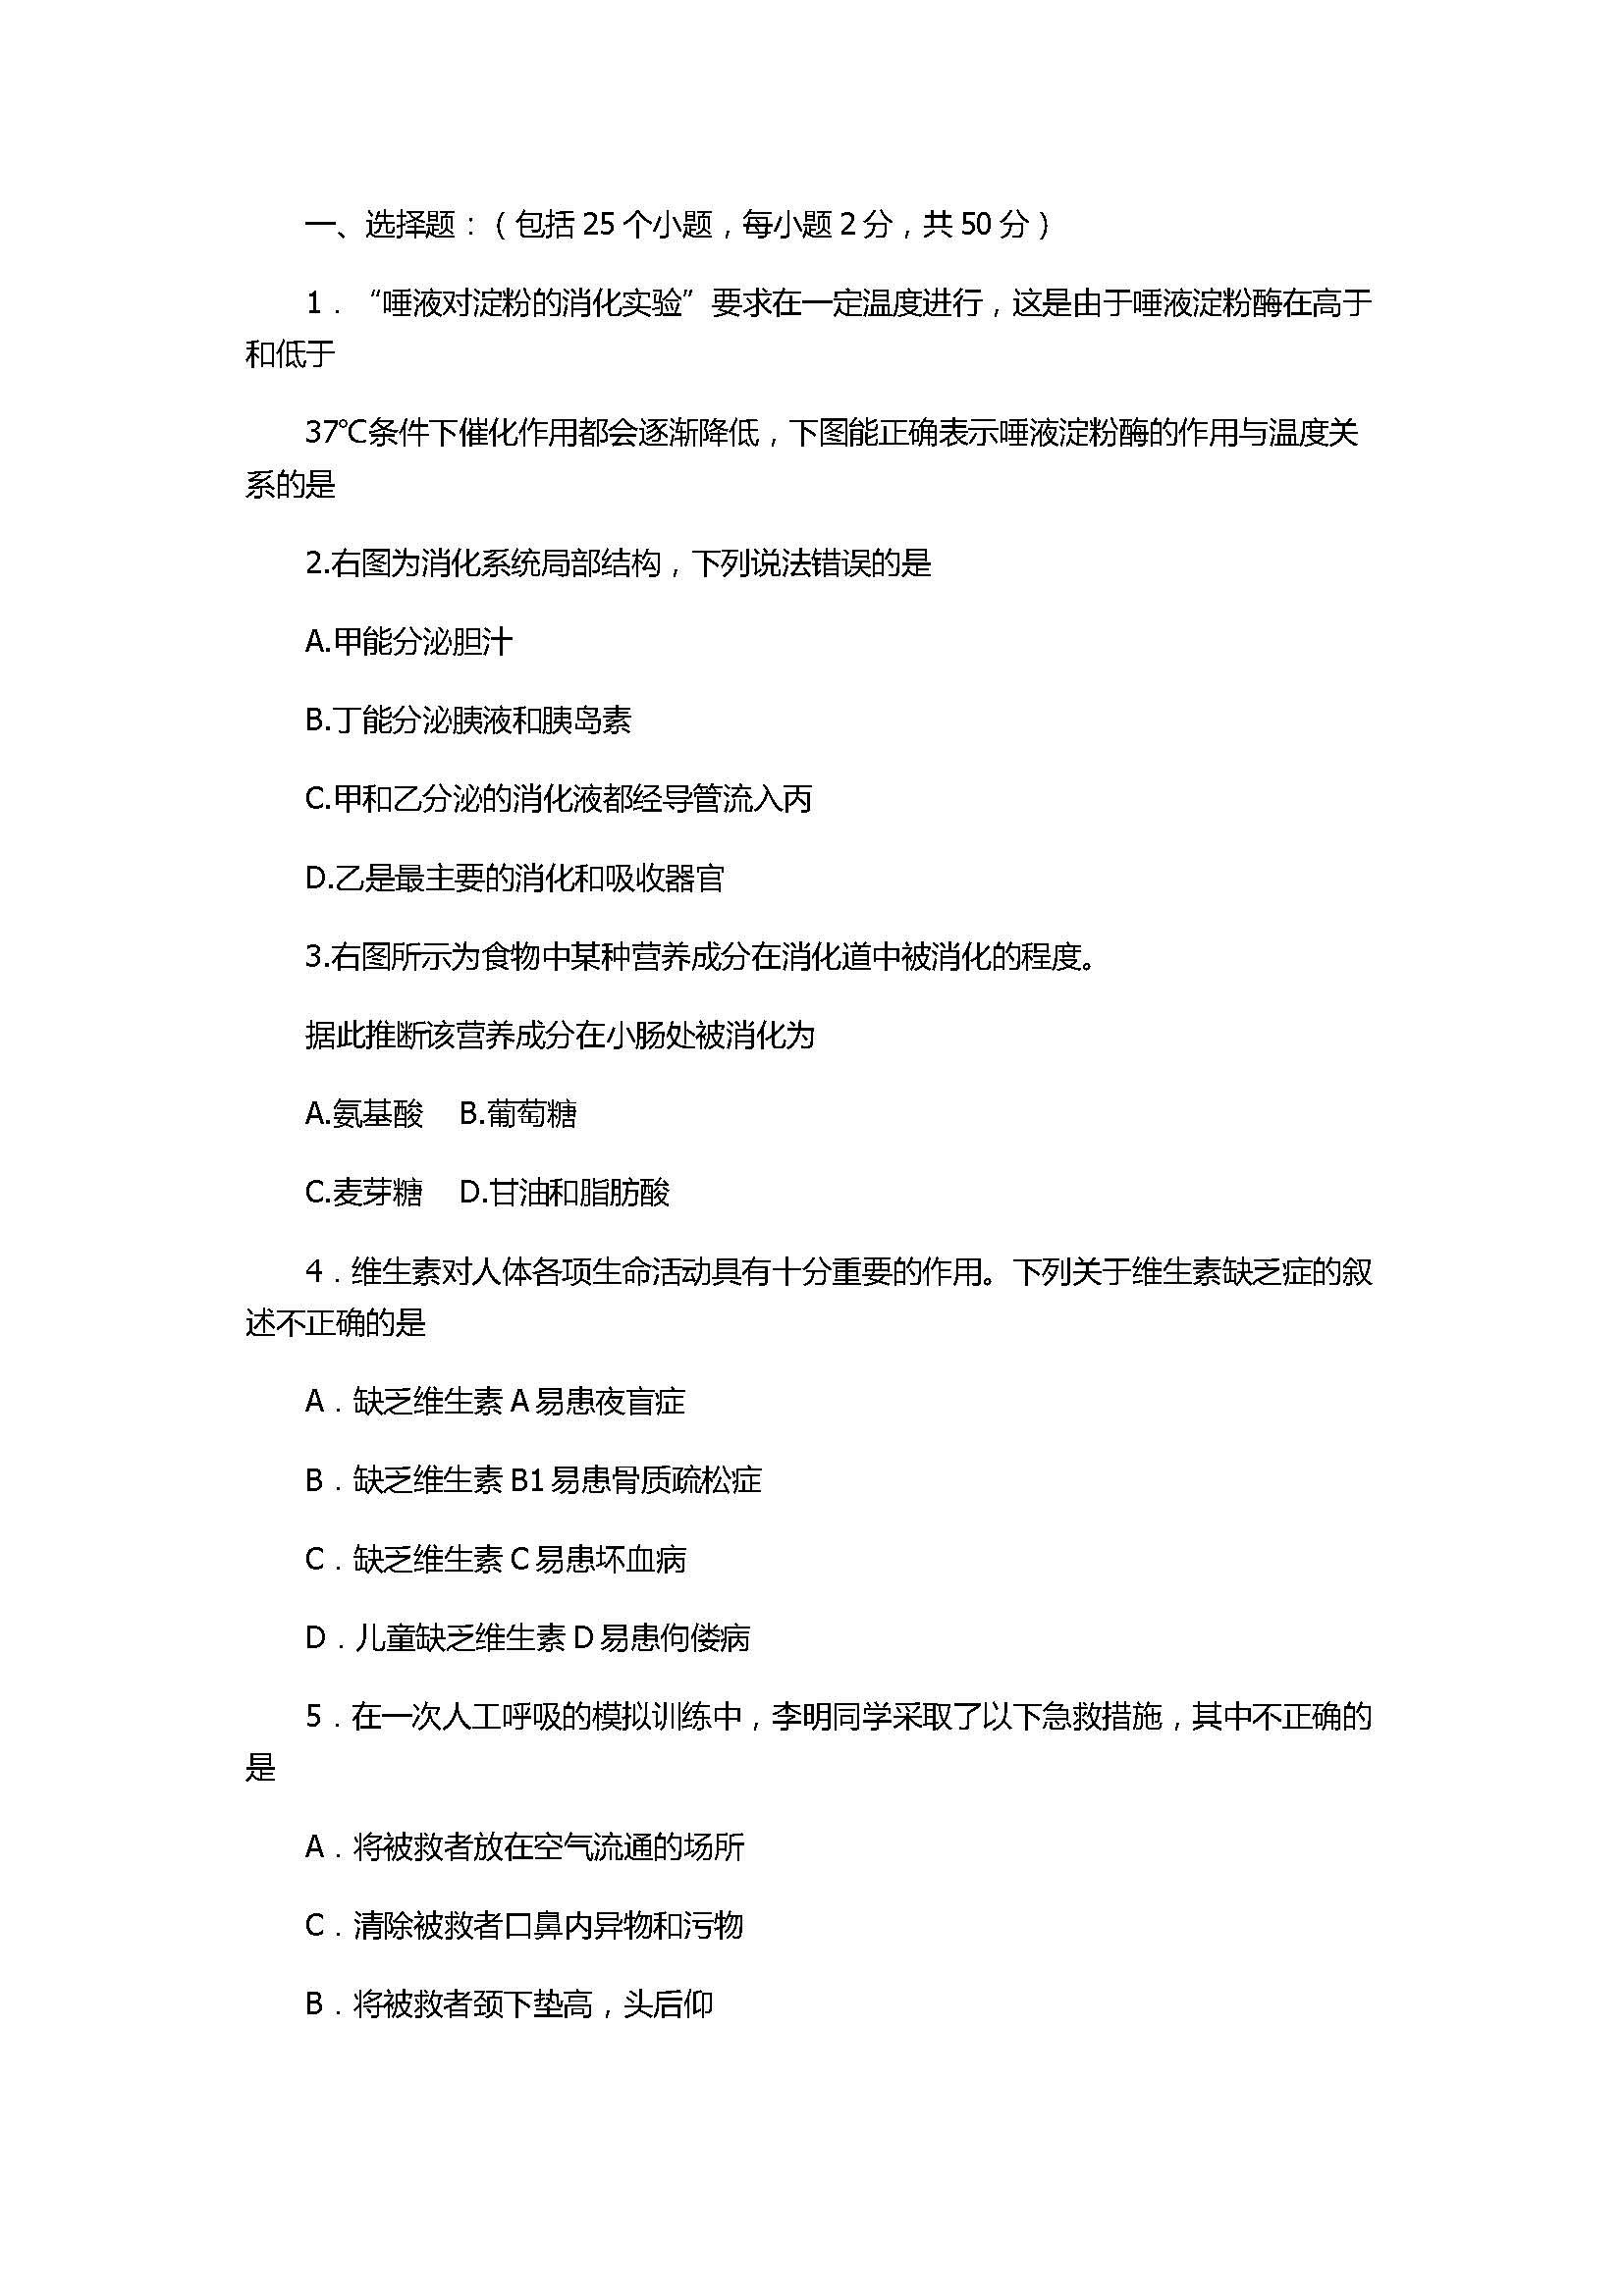 2017七年级生物期末试题带参考答案(商河县)